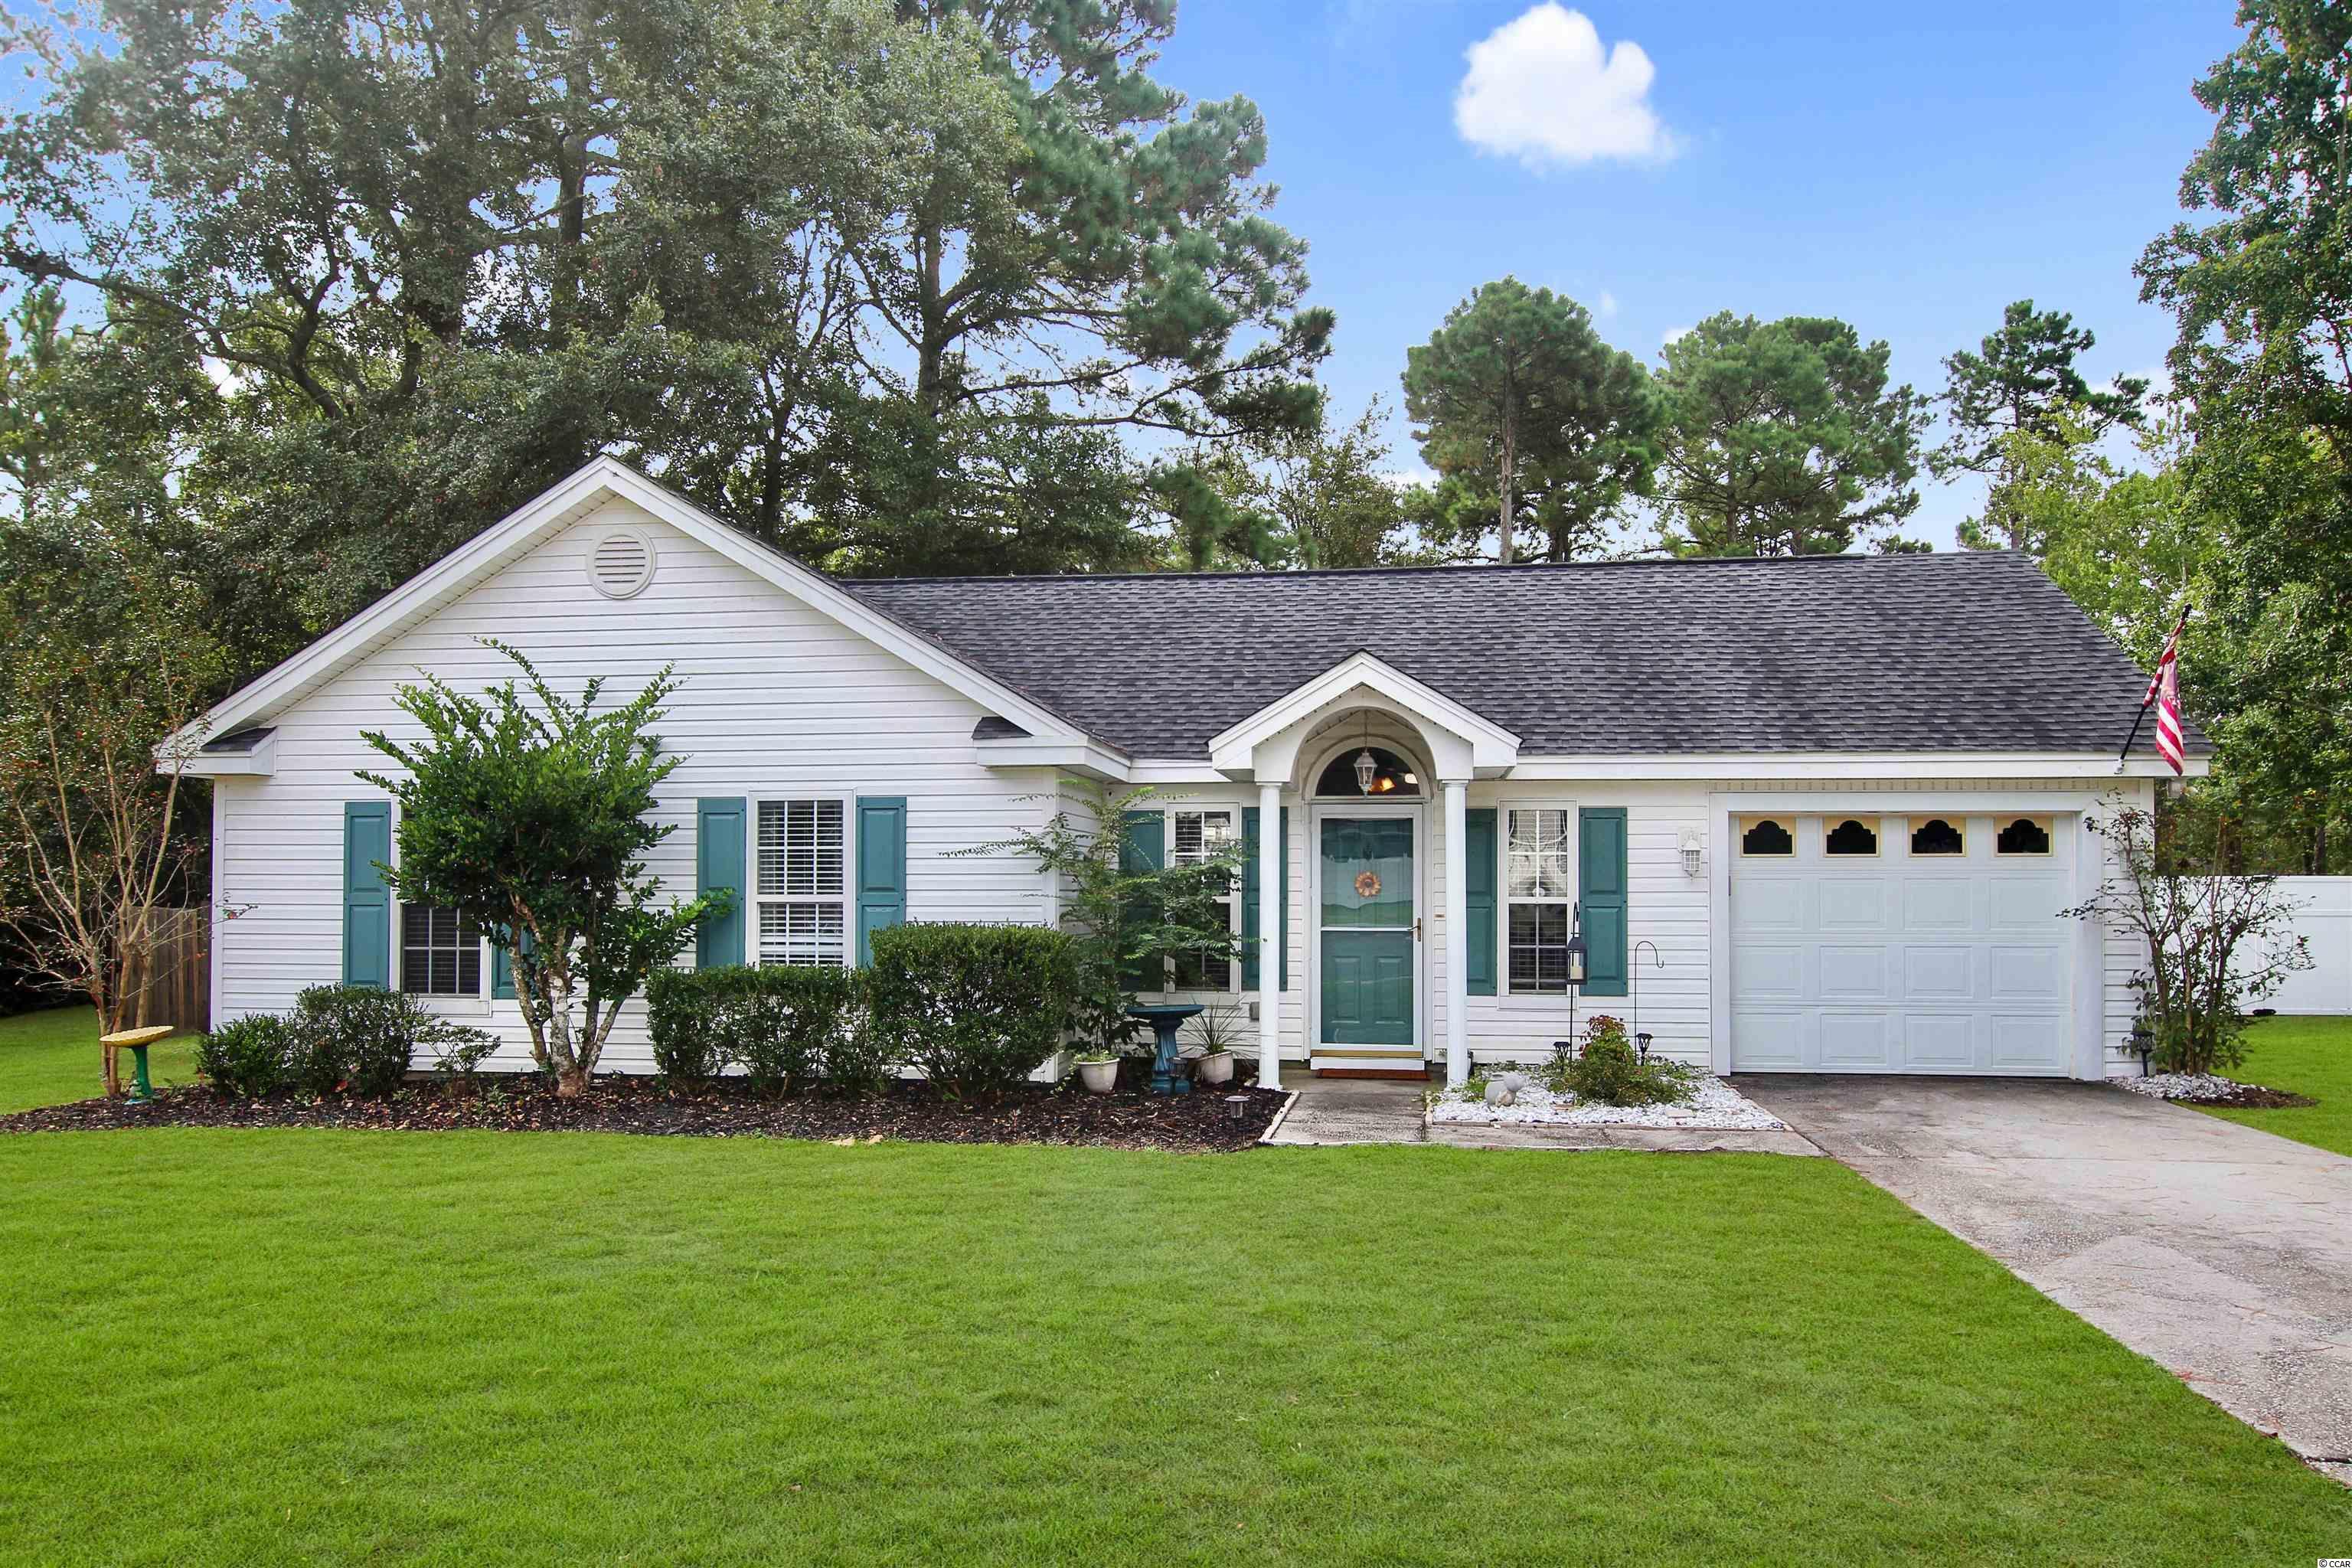 4163 Bay Covey Property Photo